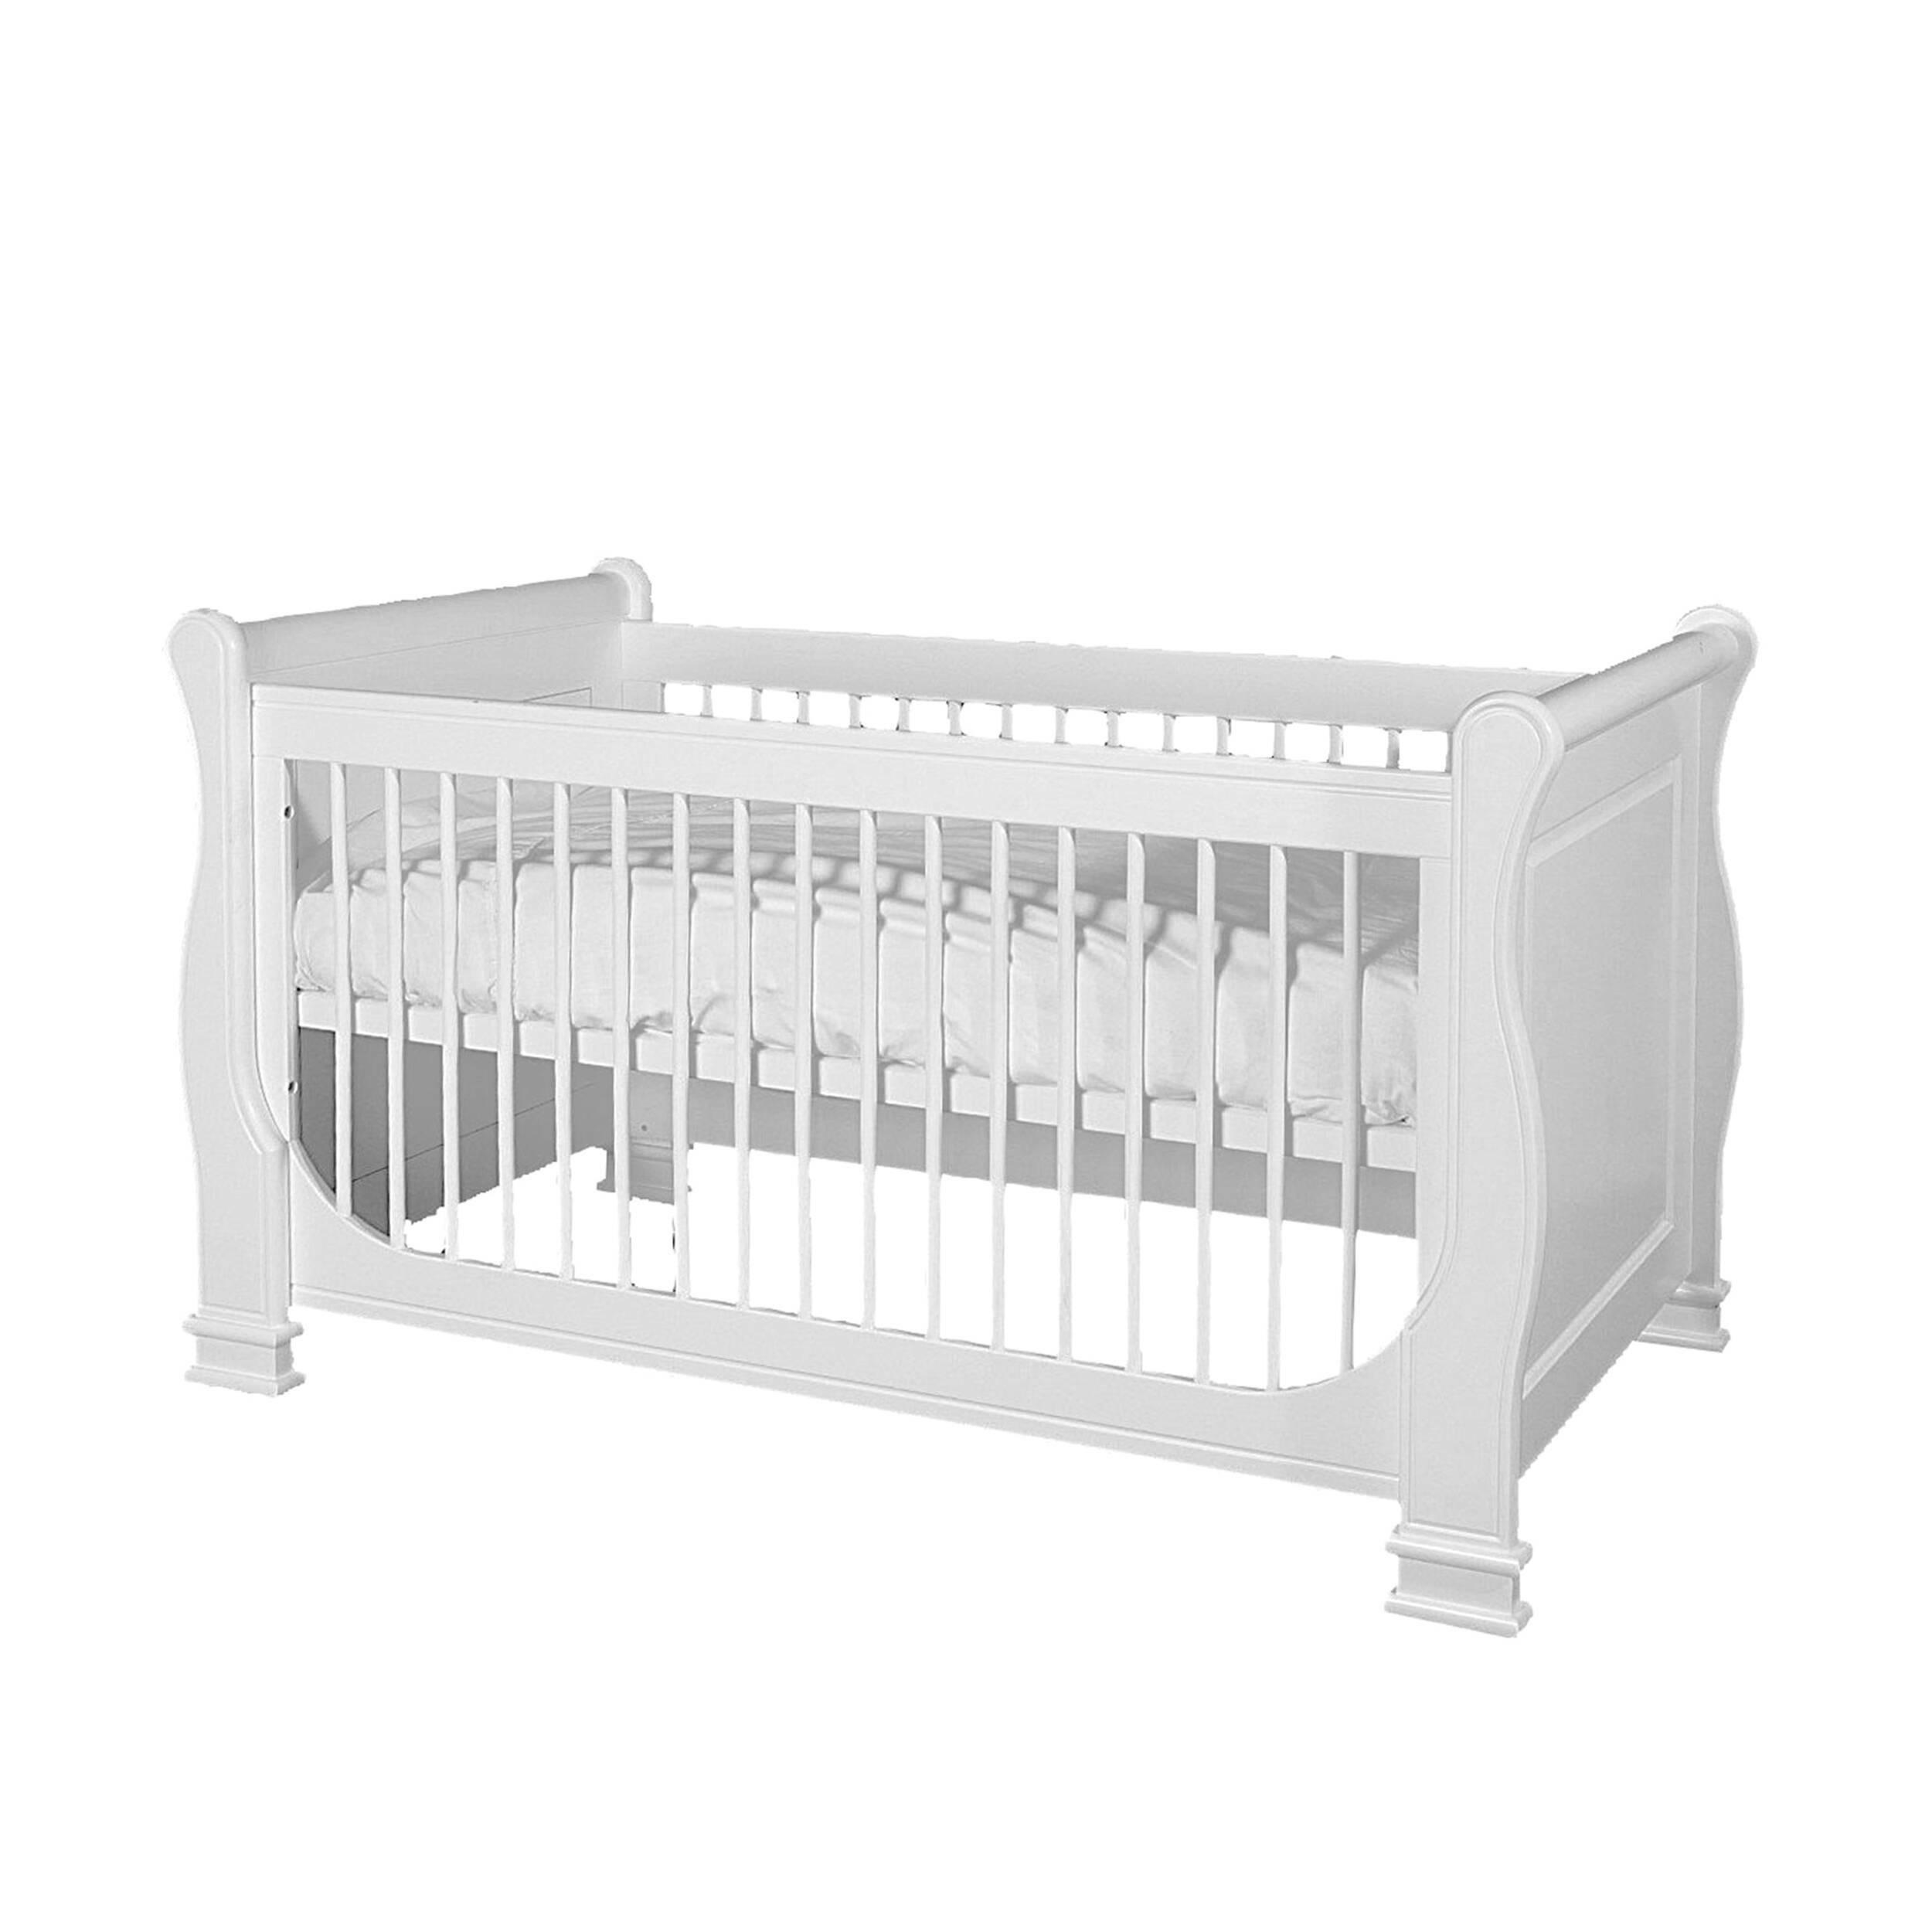 Детская кровать Louis de Philippe, 60х120Мебель для детей<br><br><br>stock: 0<br>Высота: 85<br>Ширина: 70<br>Длина: 137<br>Материал каркаса: МДФ<br>Цвет каркаса: Белый